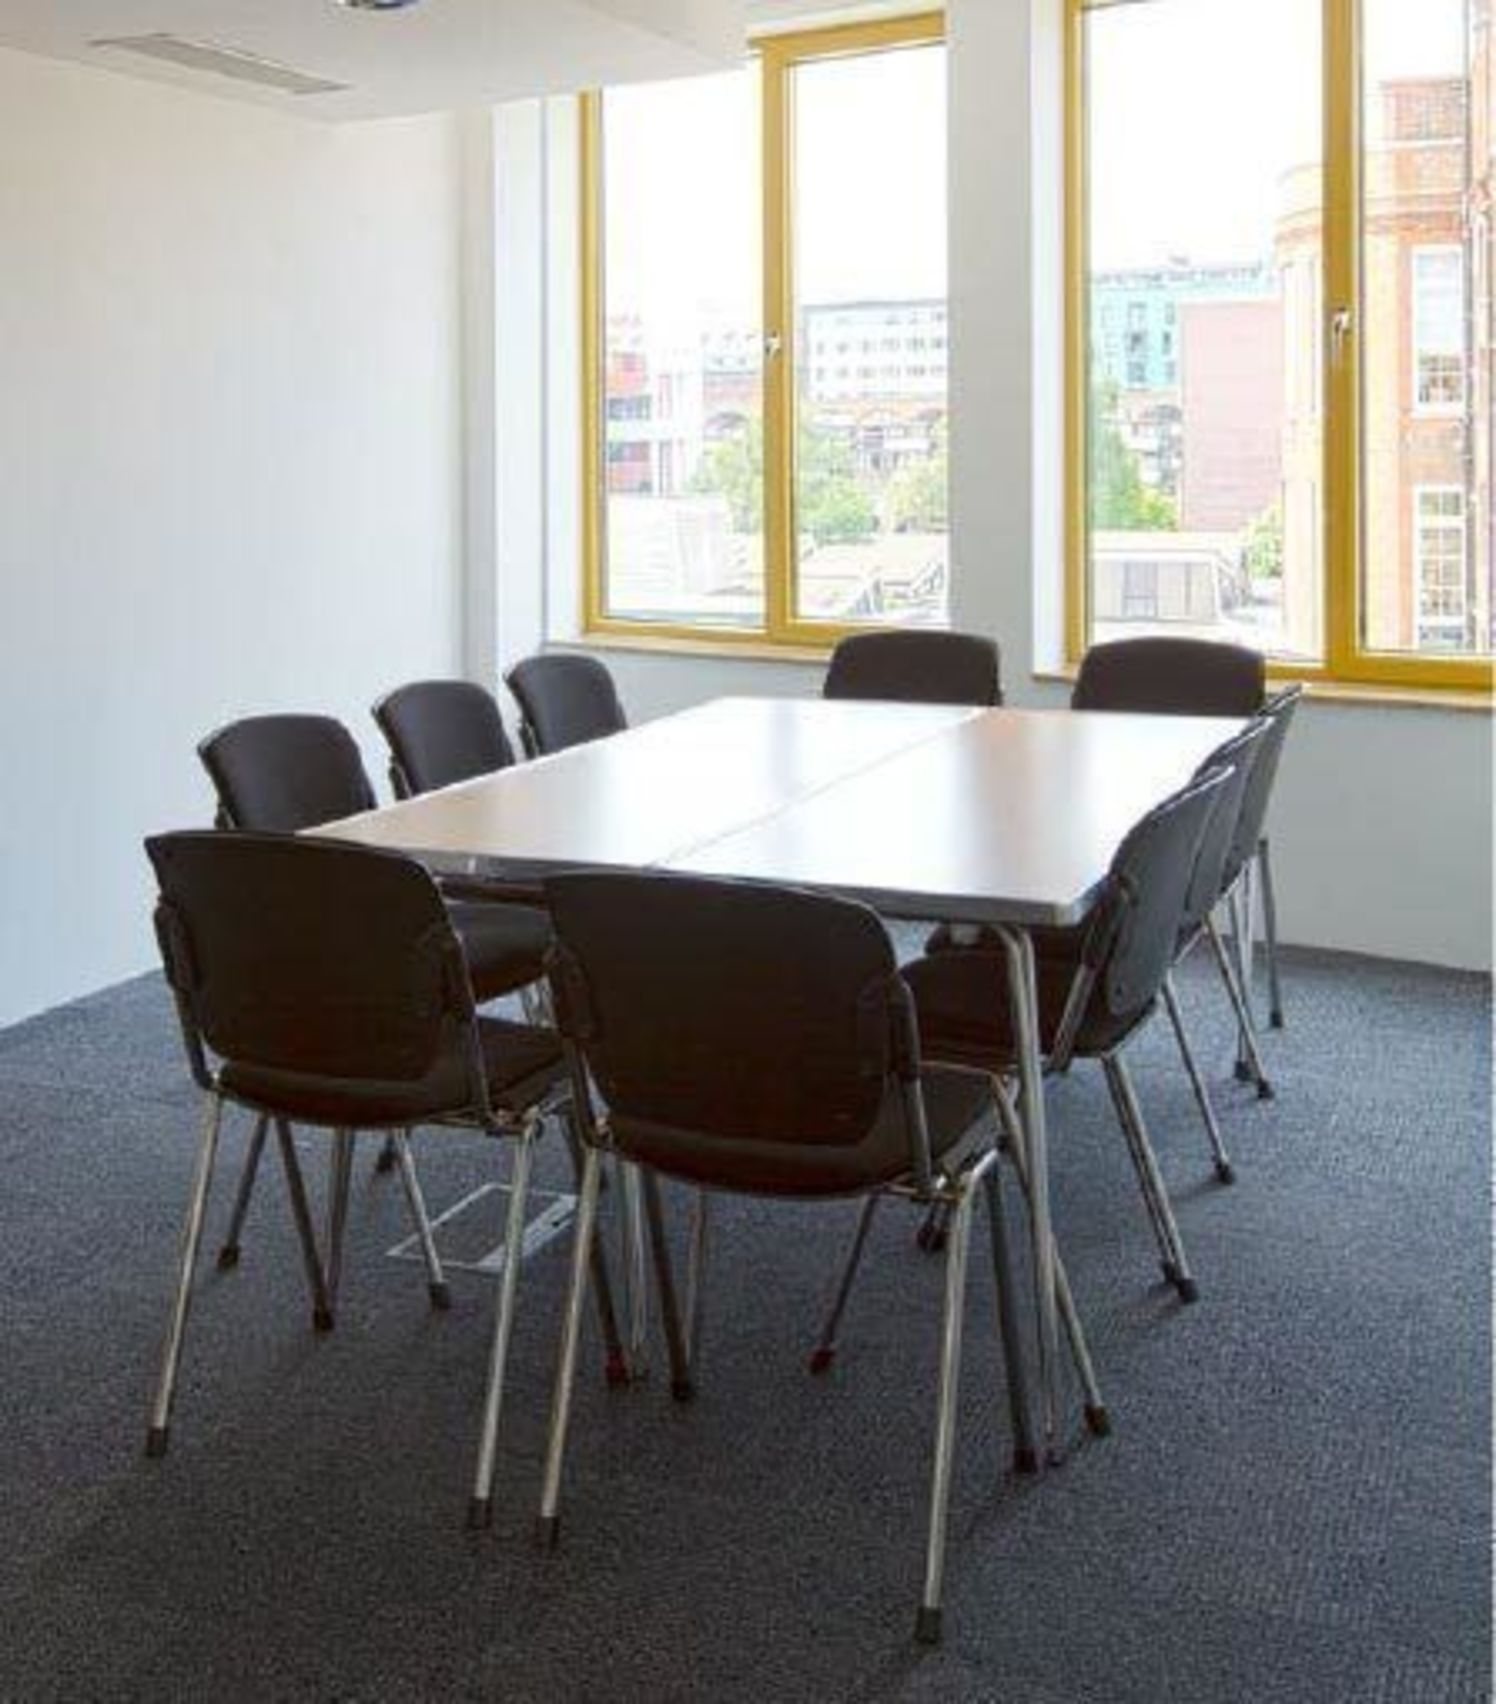 Medium Meeting Room, Shelter